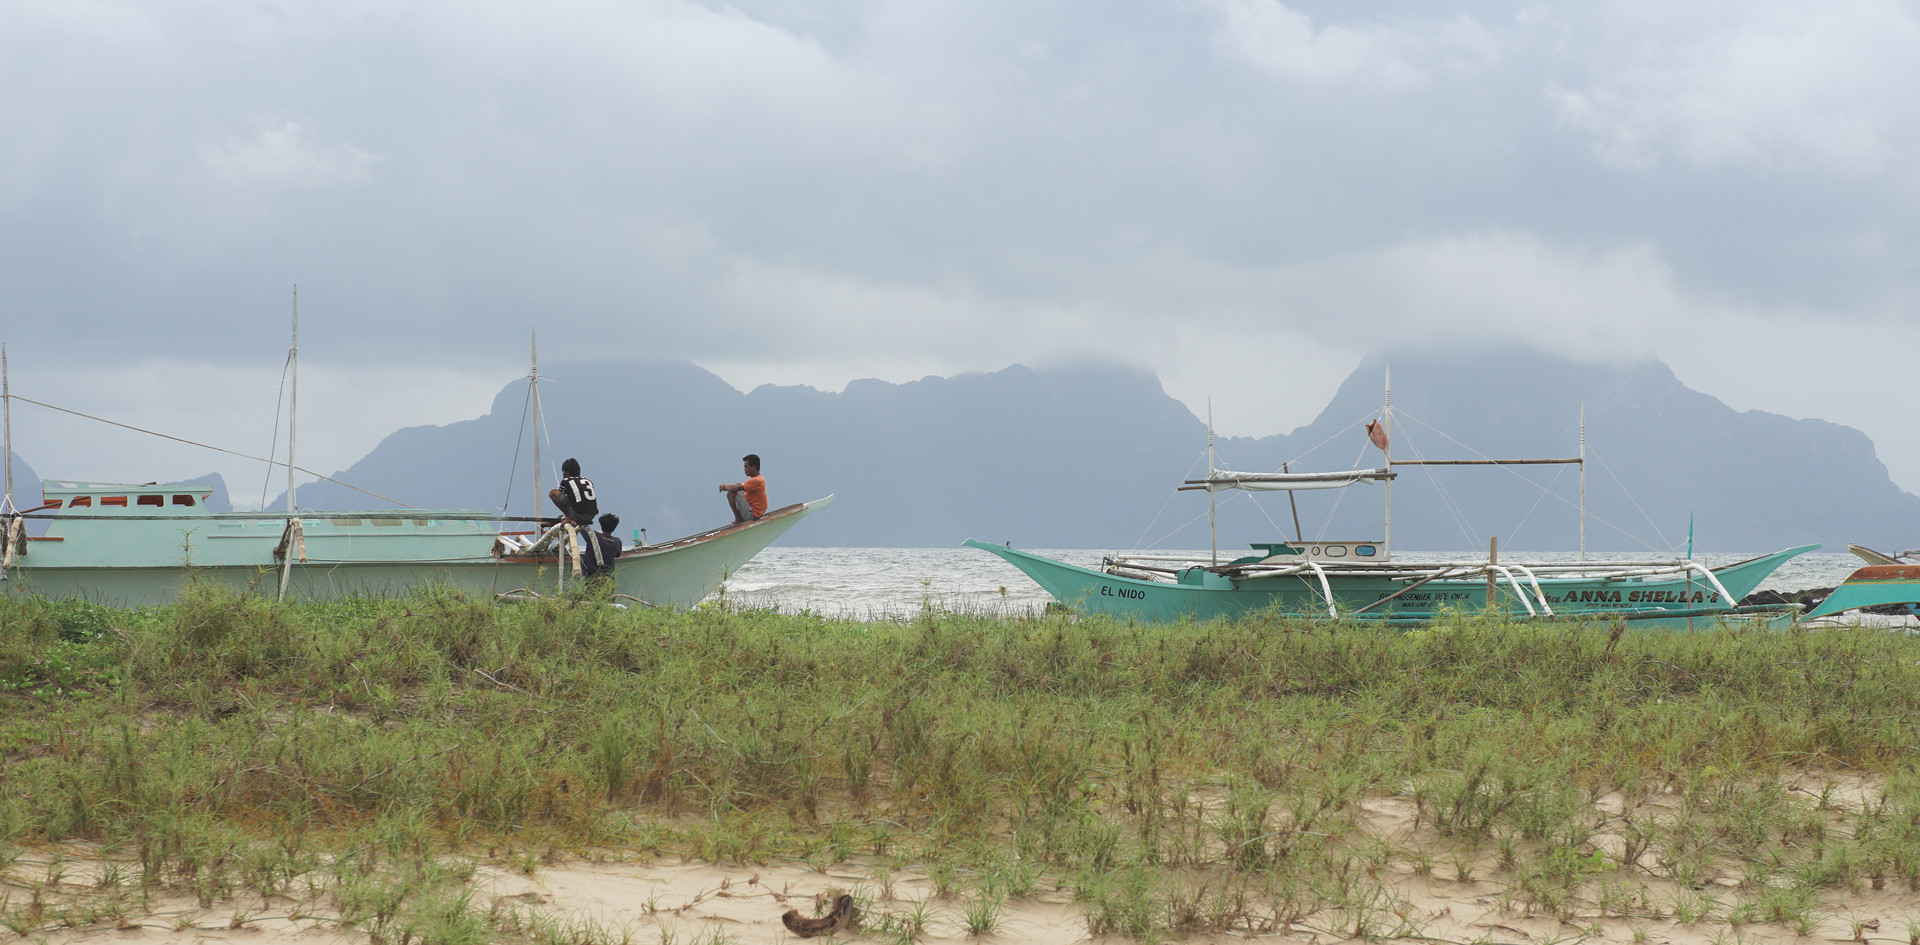 NACPAN BEACH / PHILIPPINES